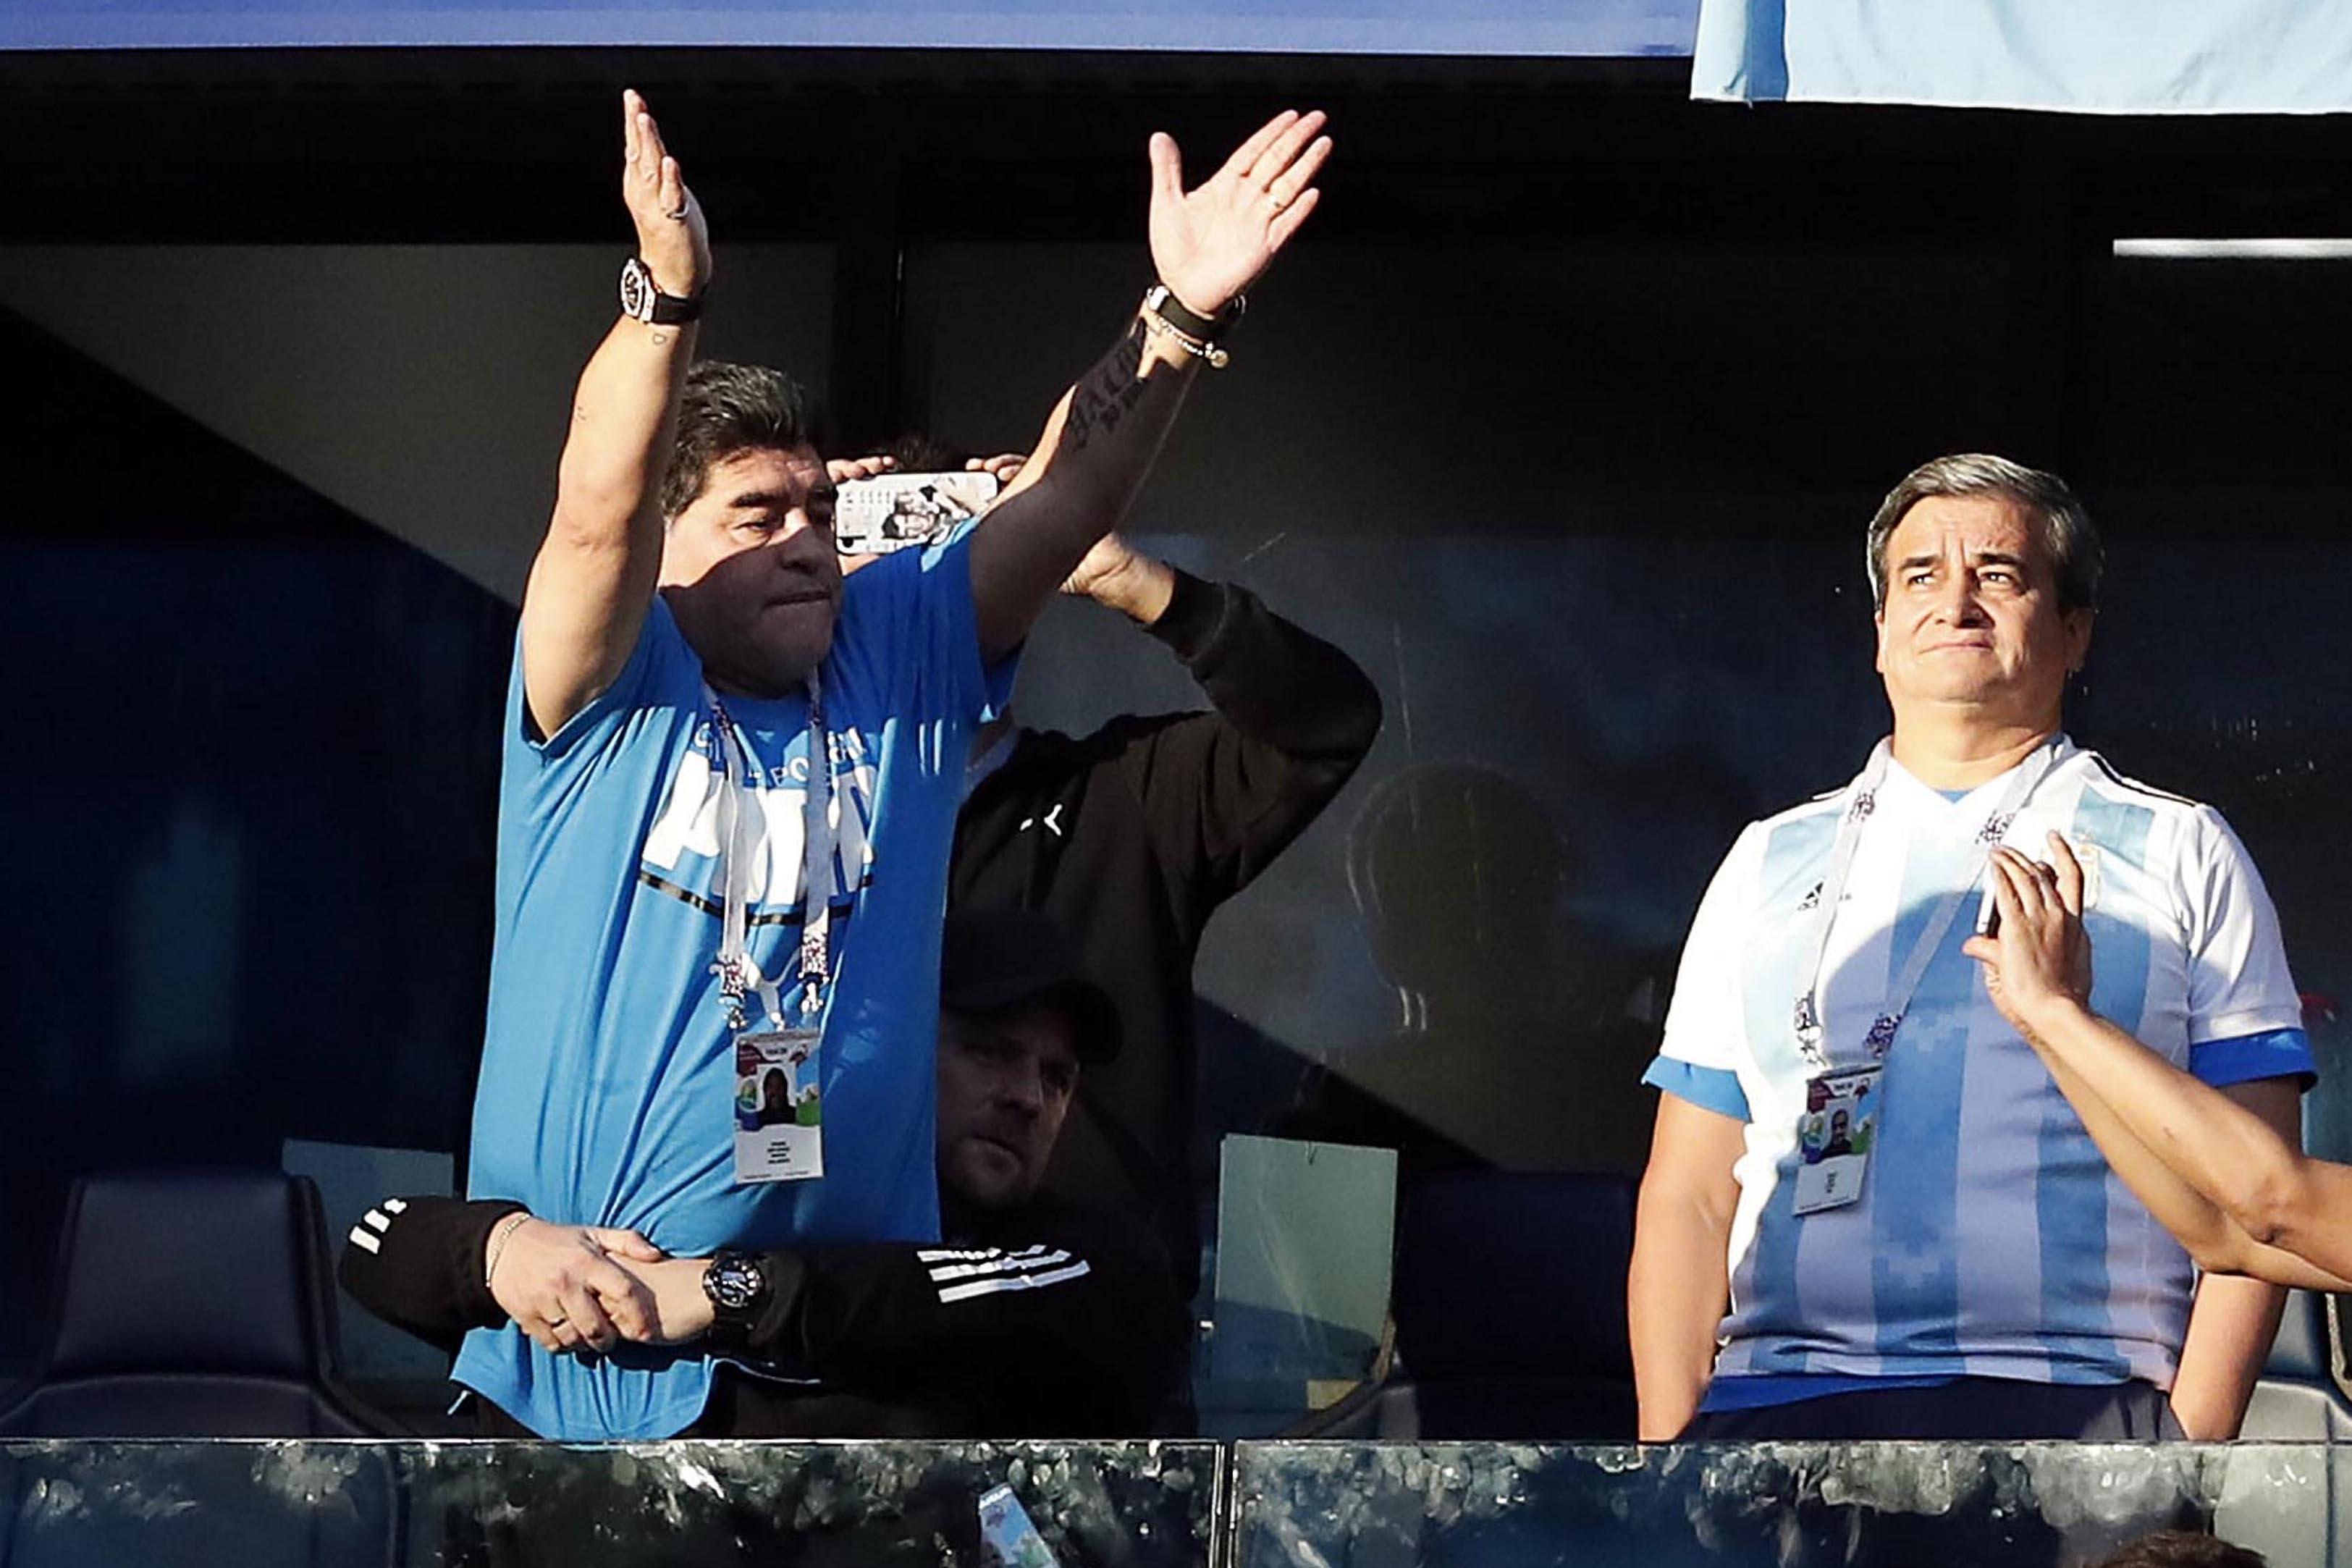 Una aclaración de Maradona a los mal pensados que creían que estaba drogado en Rusia 2018